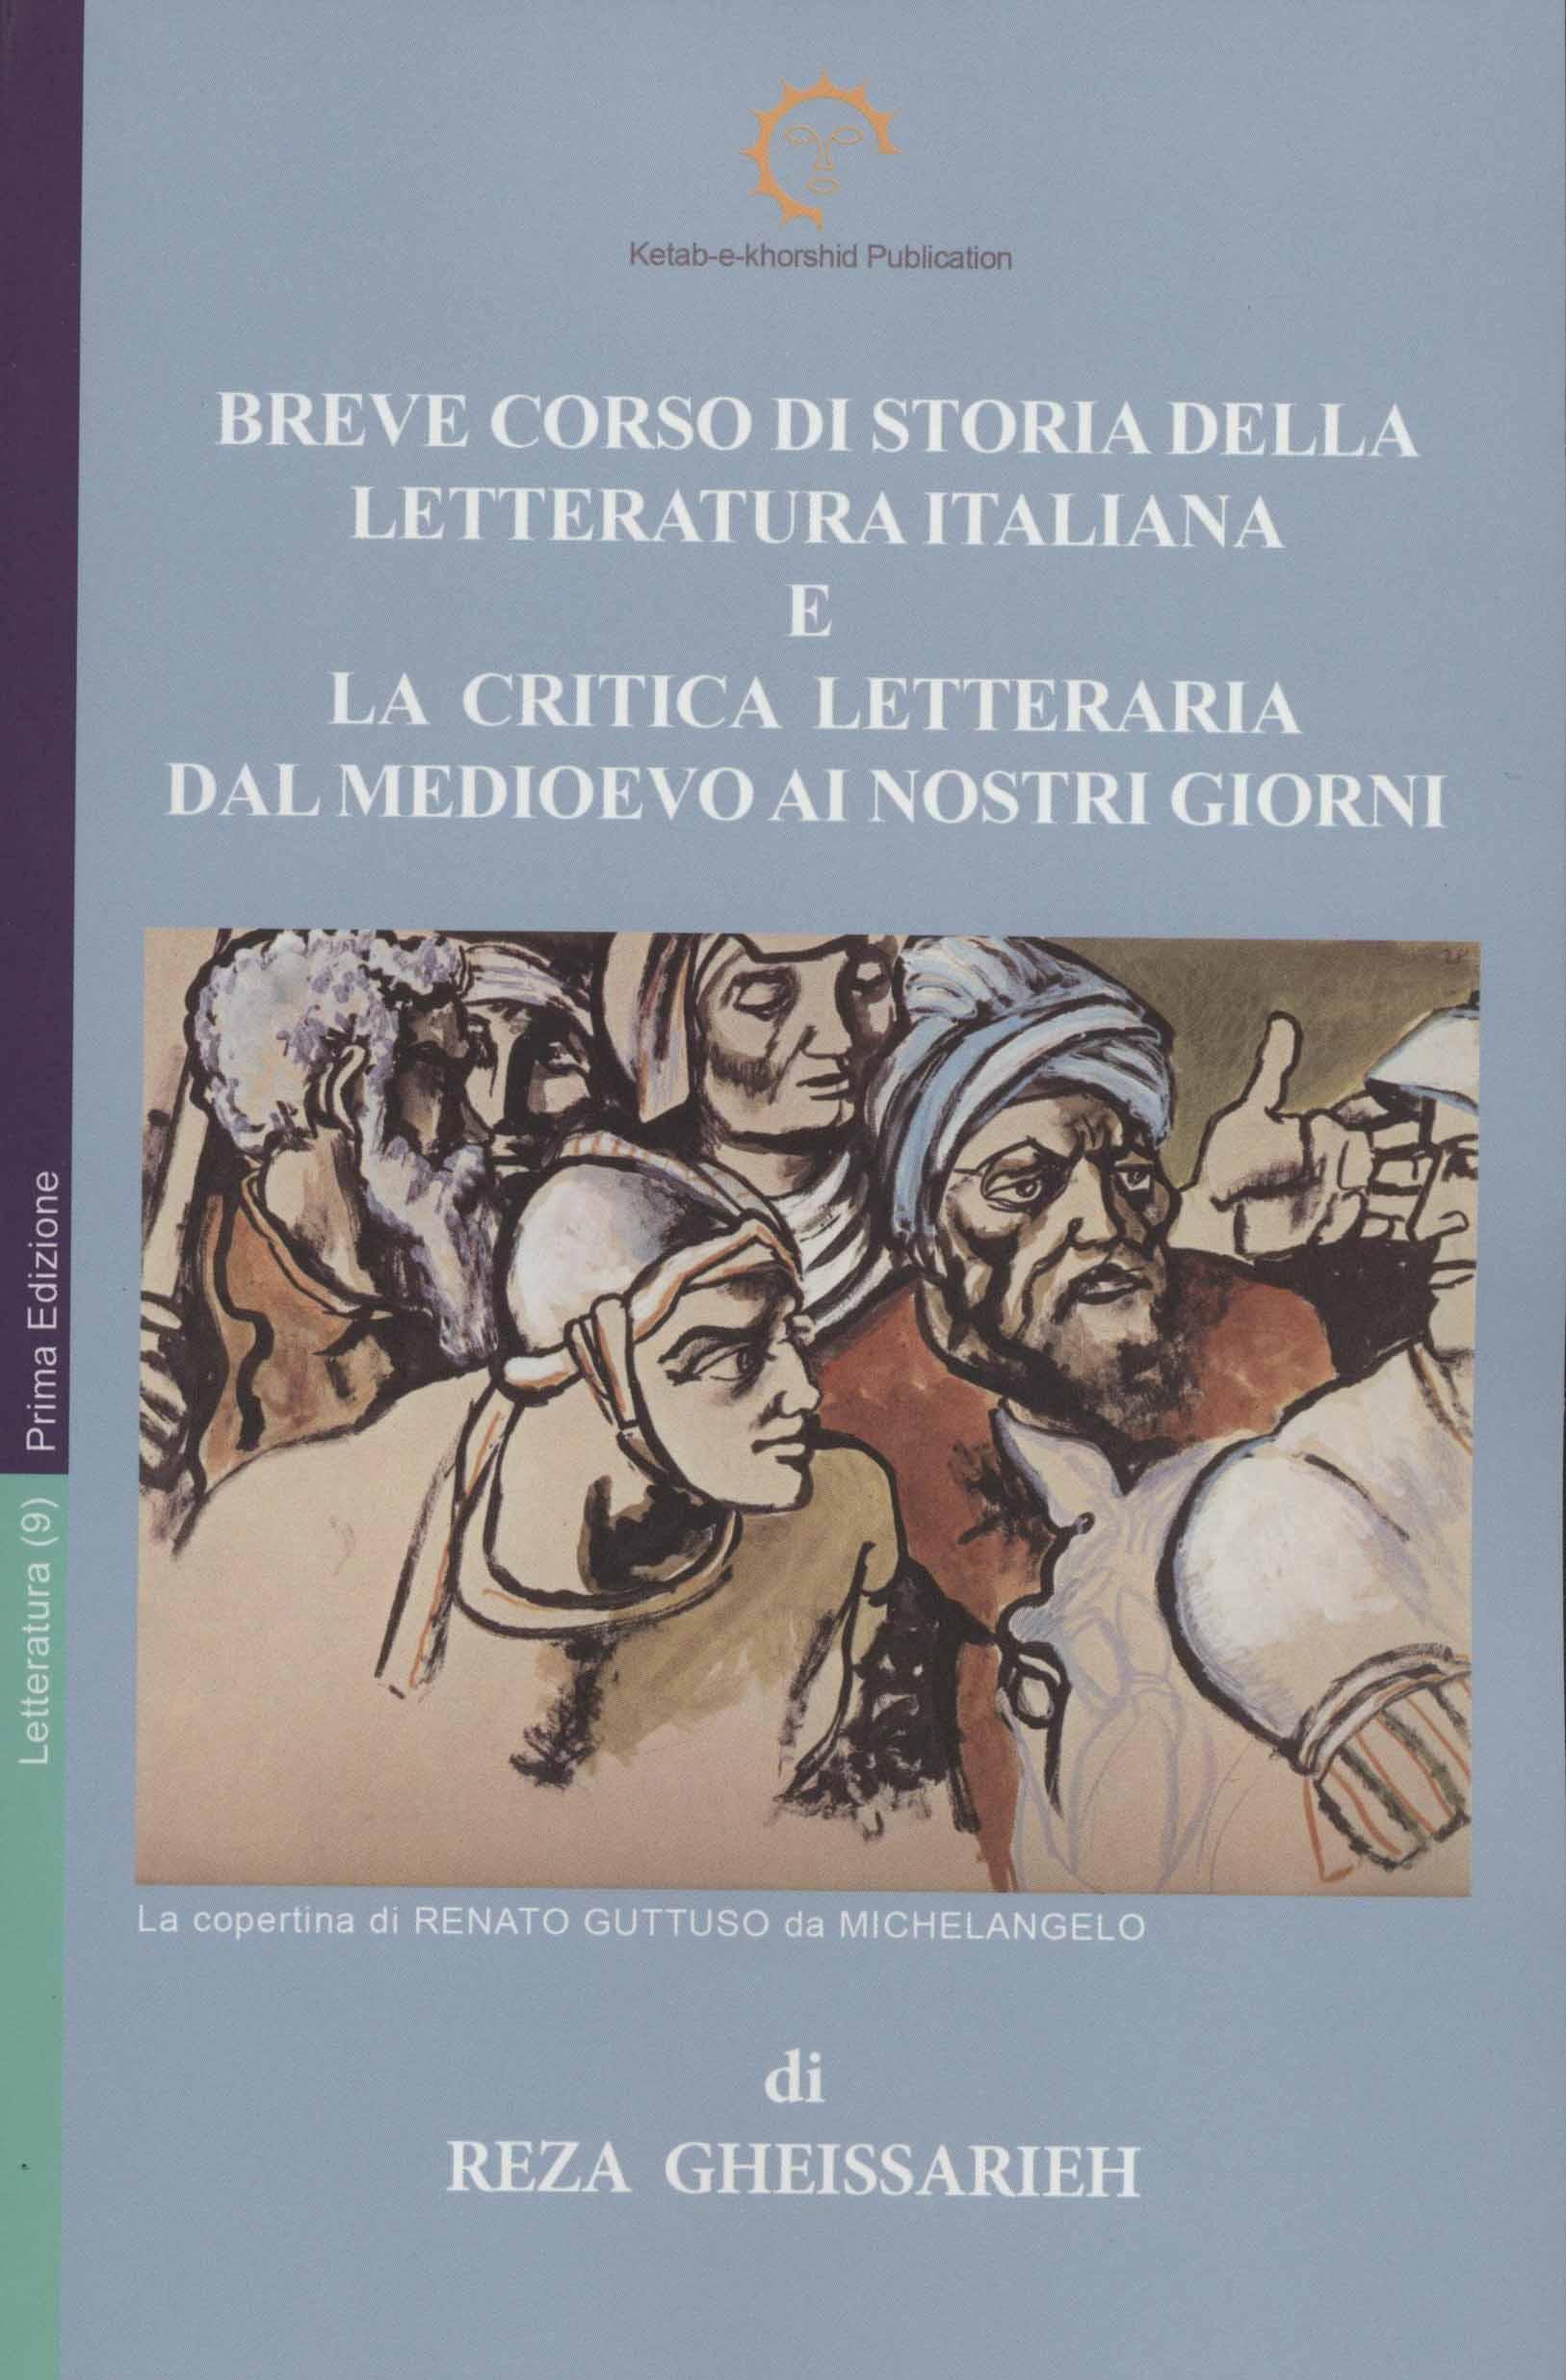 چکیده درس گفتارها: …BREVE CORSO DI STORIA DELLA LETTERATURA ITALIANA E (ادبیات 9)،(ایتالیایی)